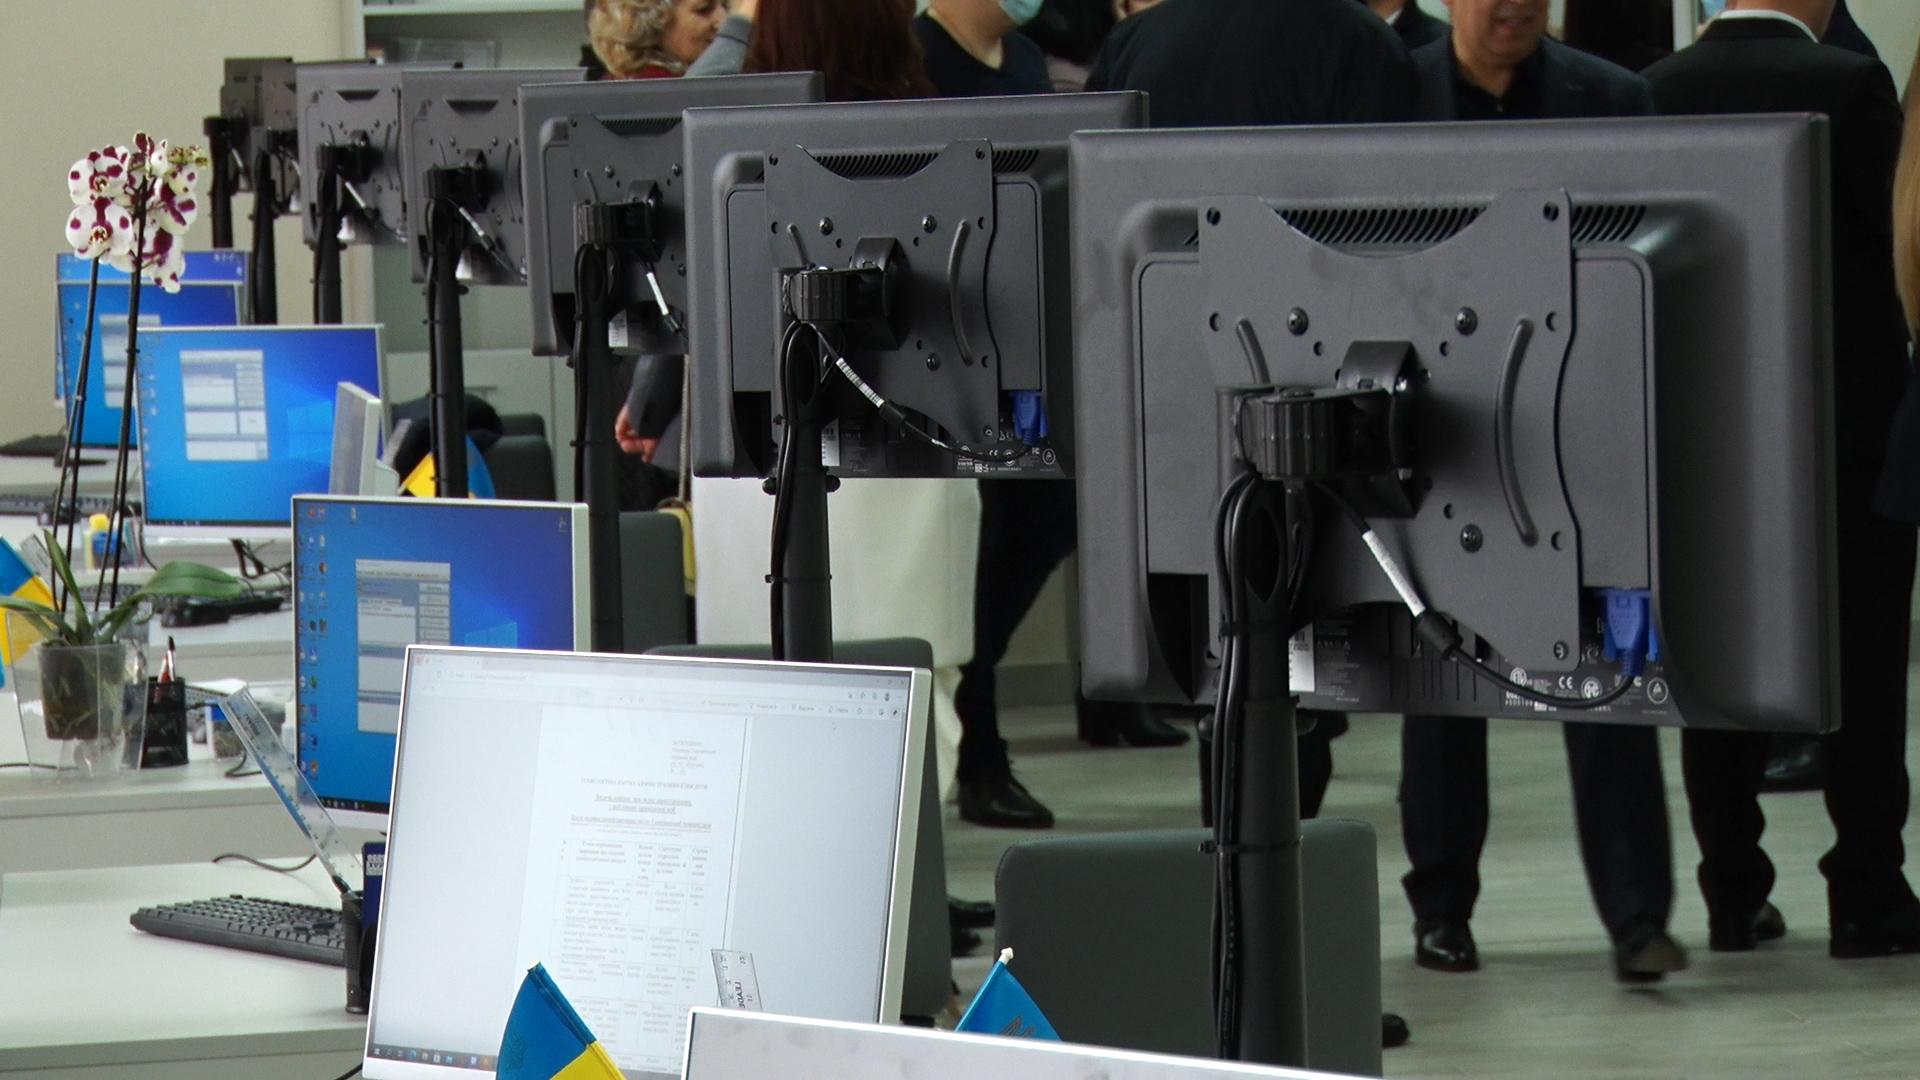 Якісні послуги для громади: у Солотвинській ТГ відкрили модернізований ЦНАП